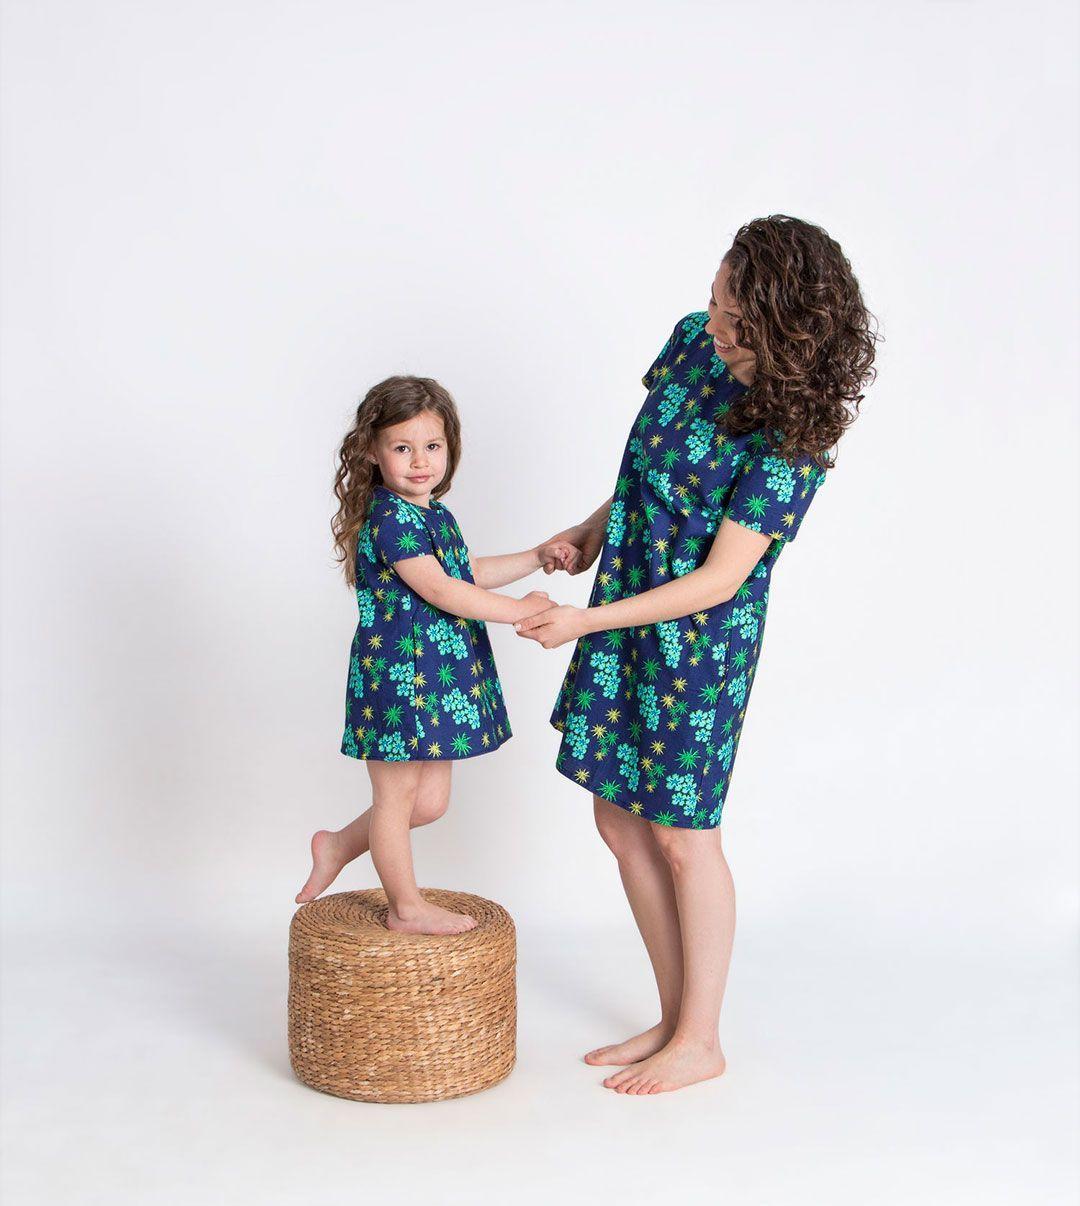 Vestido algodón orgánico anémonas mujer niña